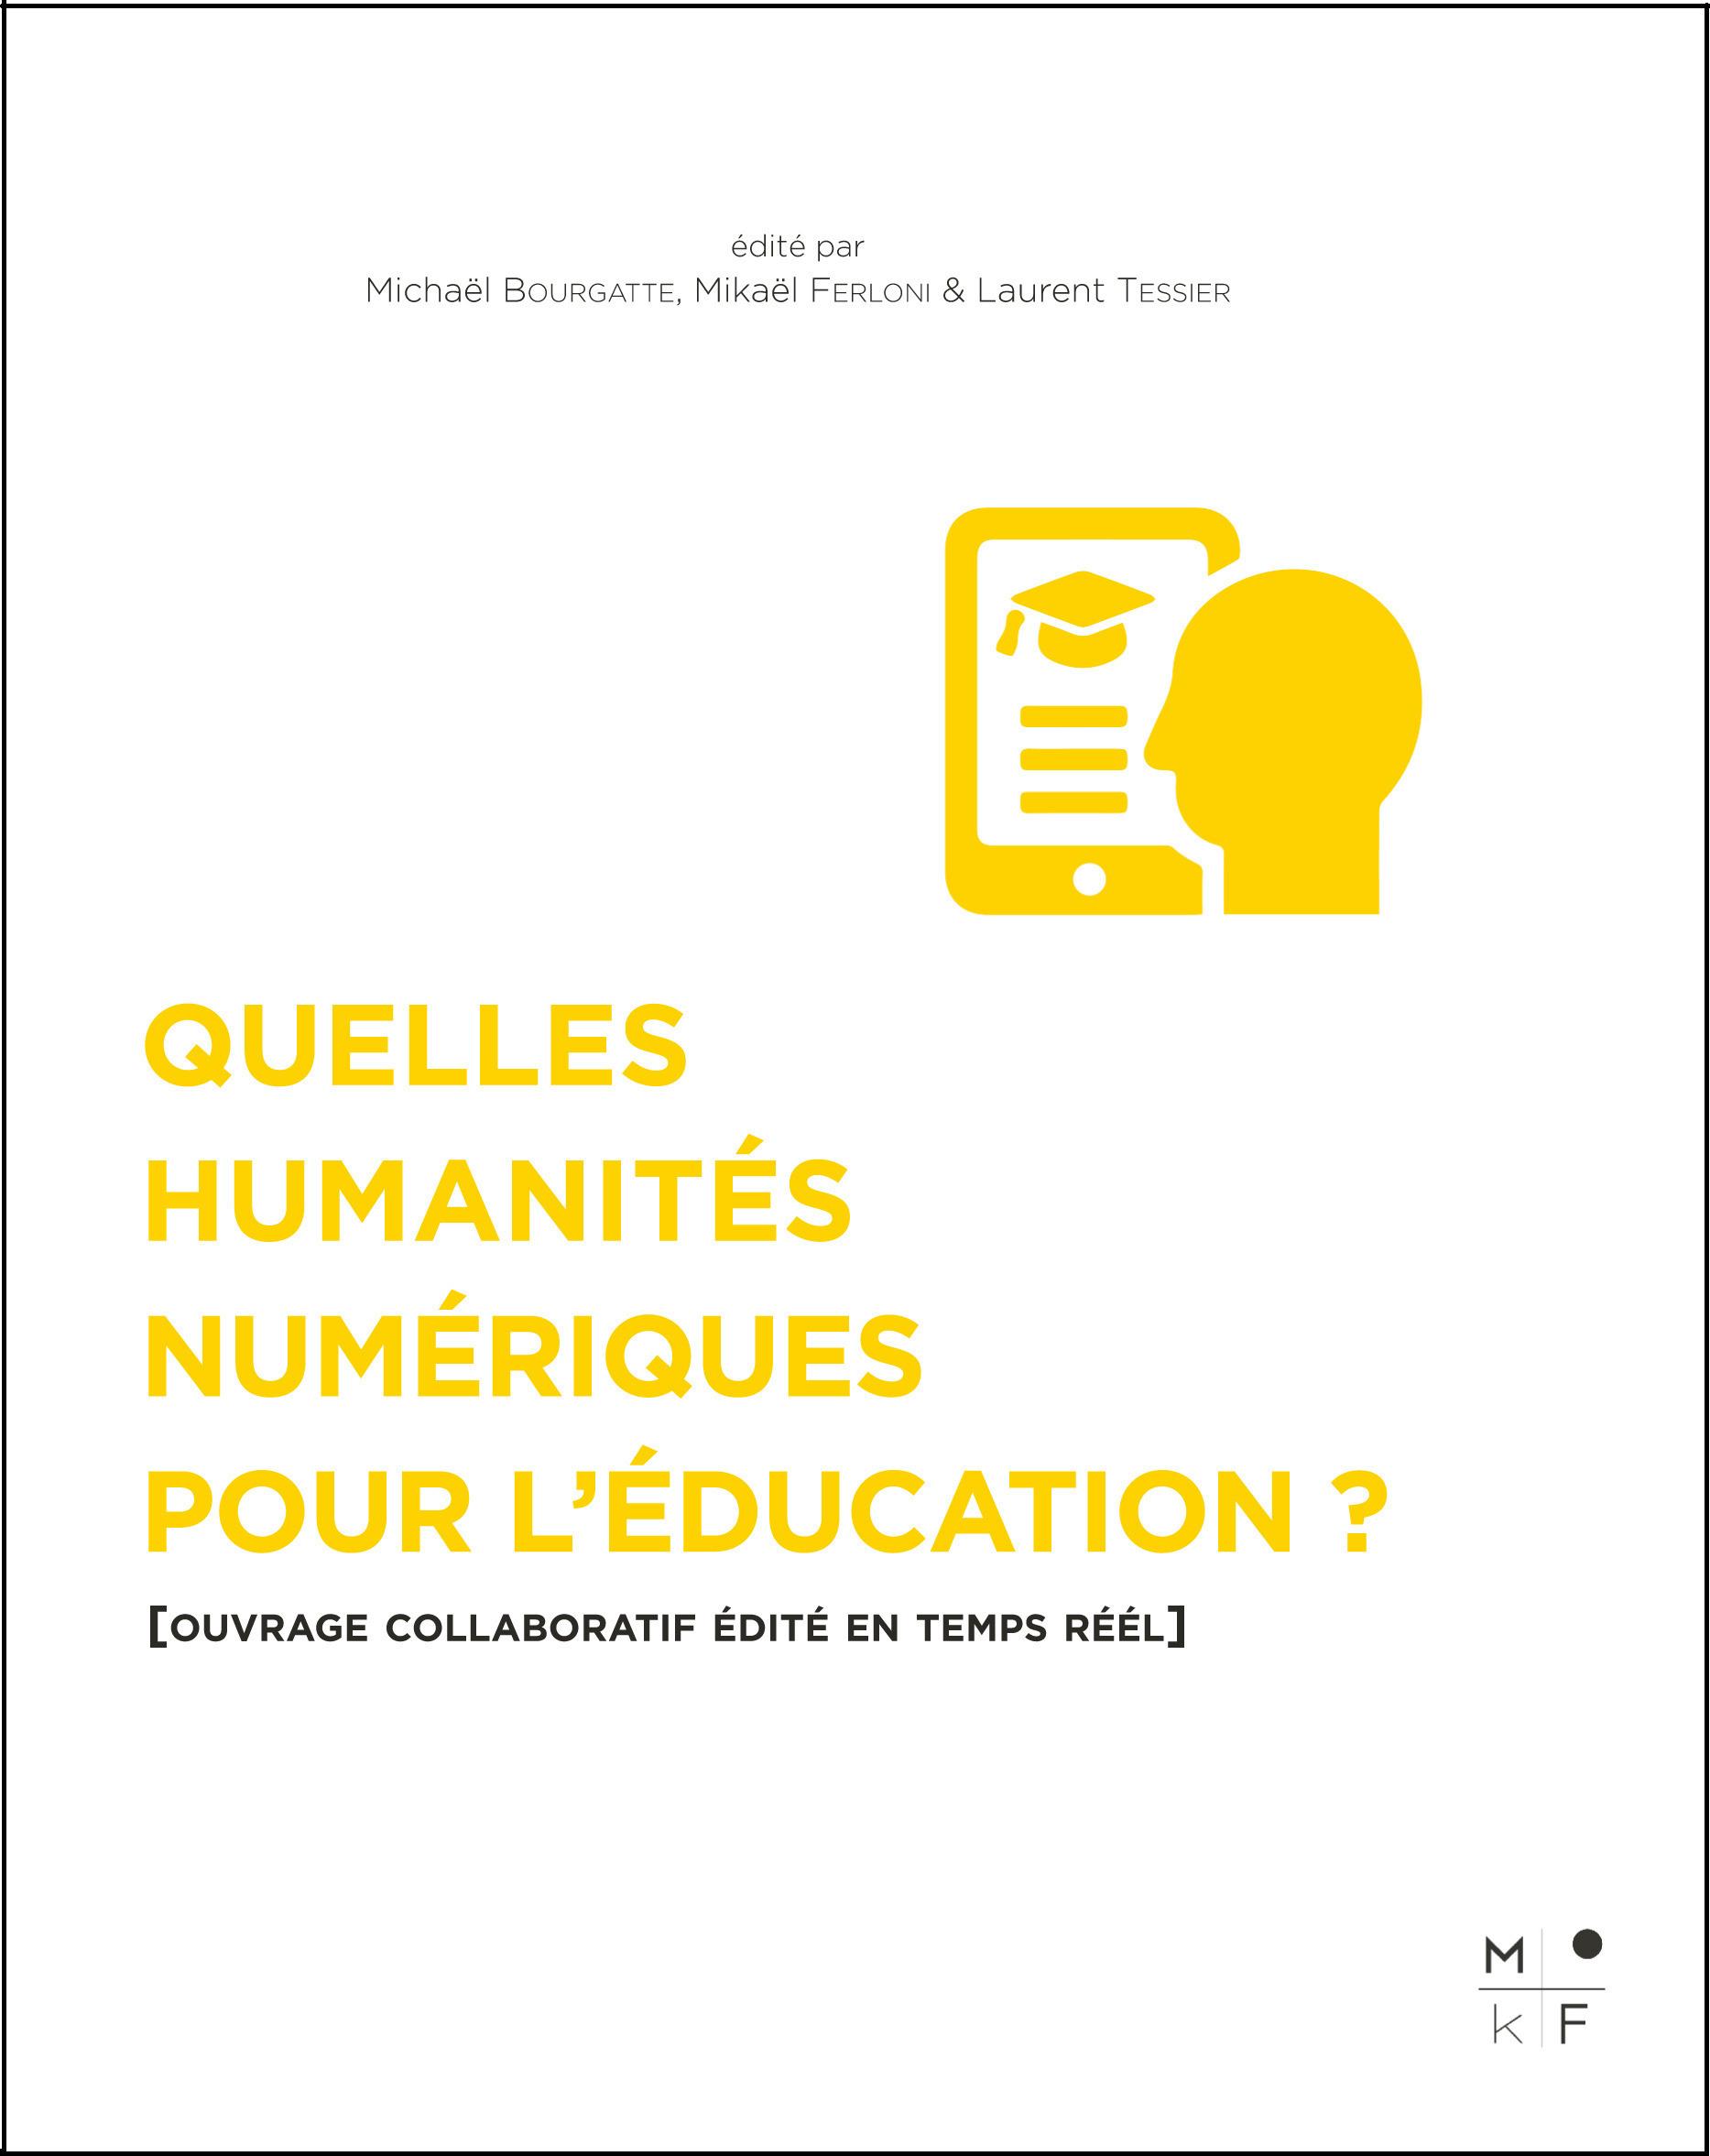 Quelles Humanités numériques pour l'éducation ?  - Mikael Ferloni  - Michaël Bourgatte  - Laurent Tessier